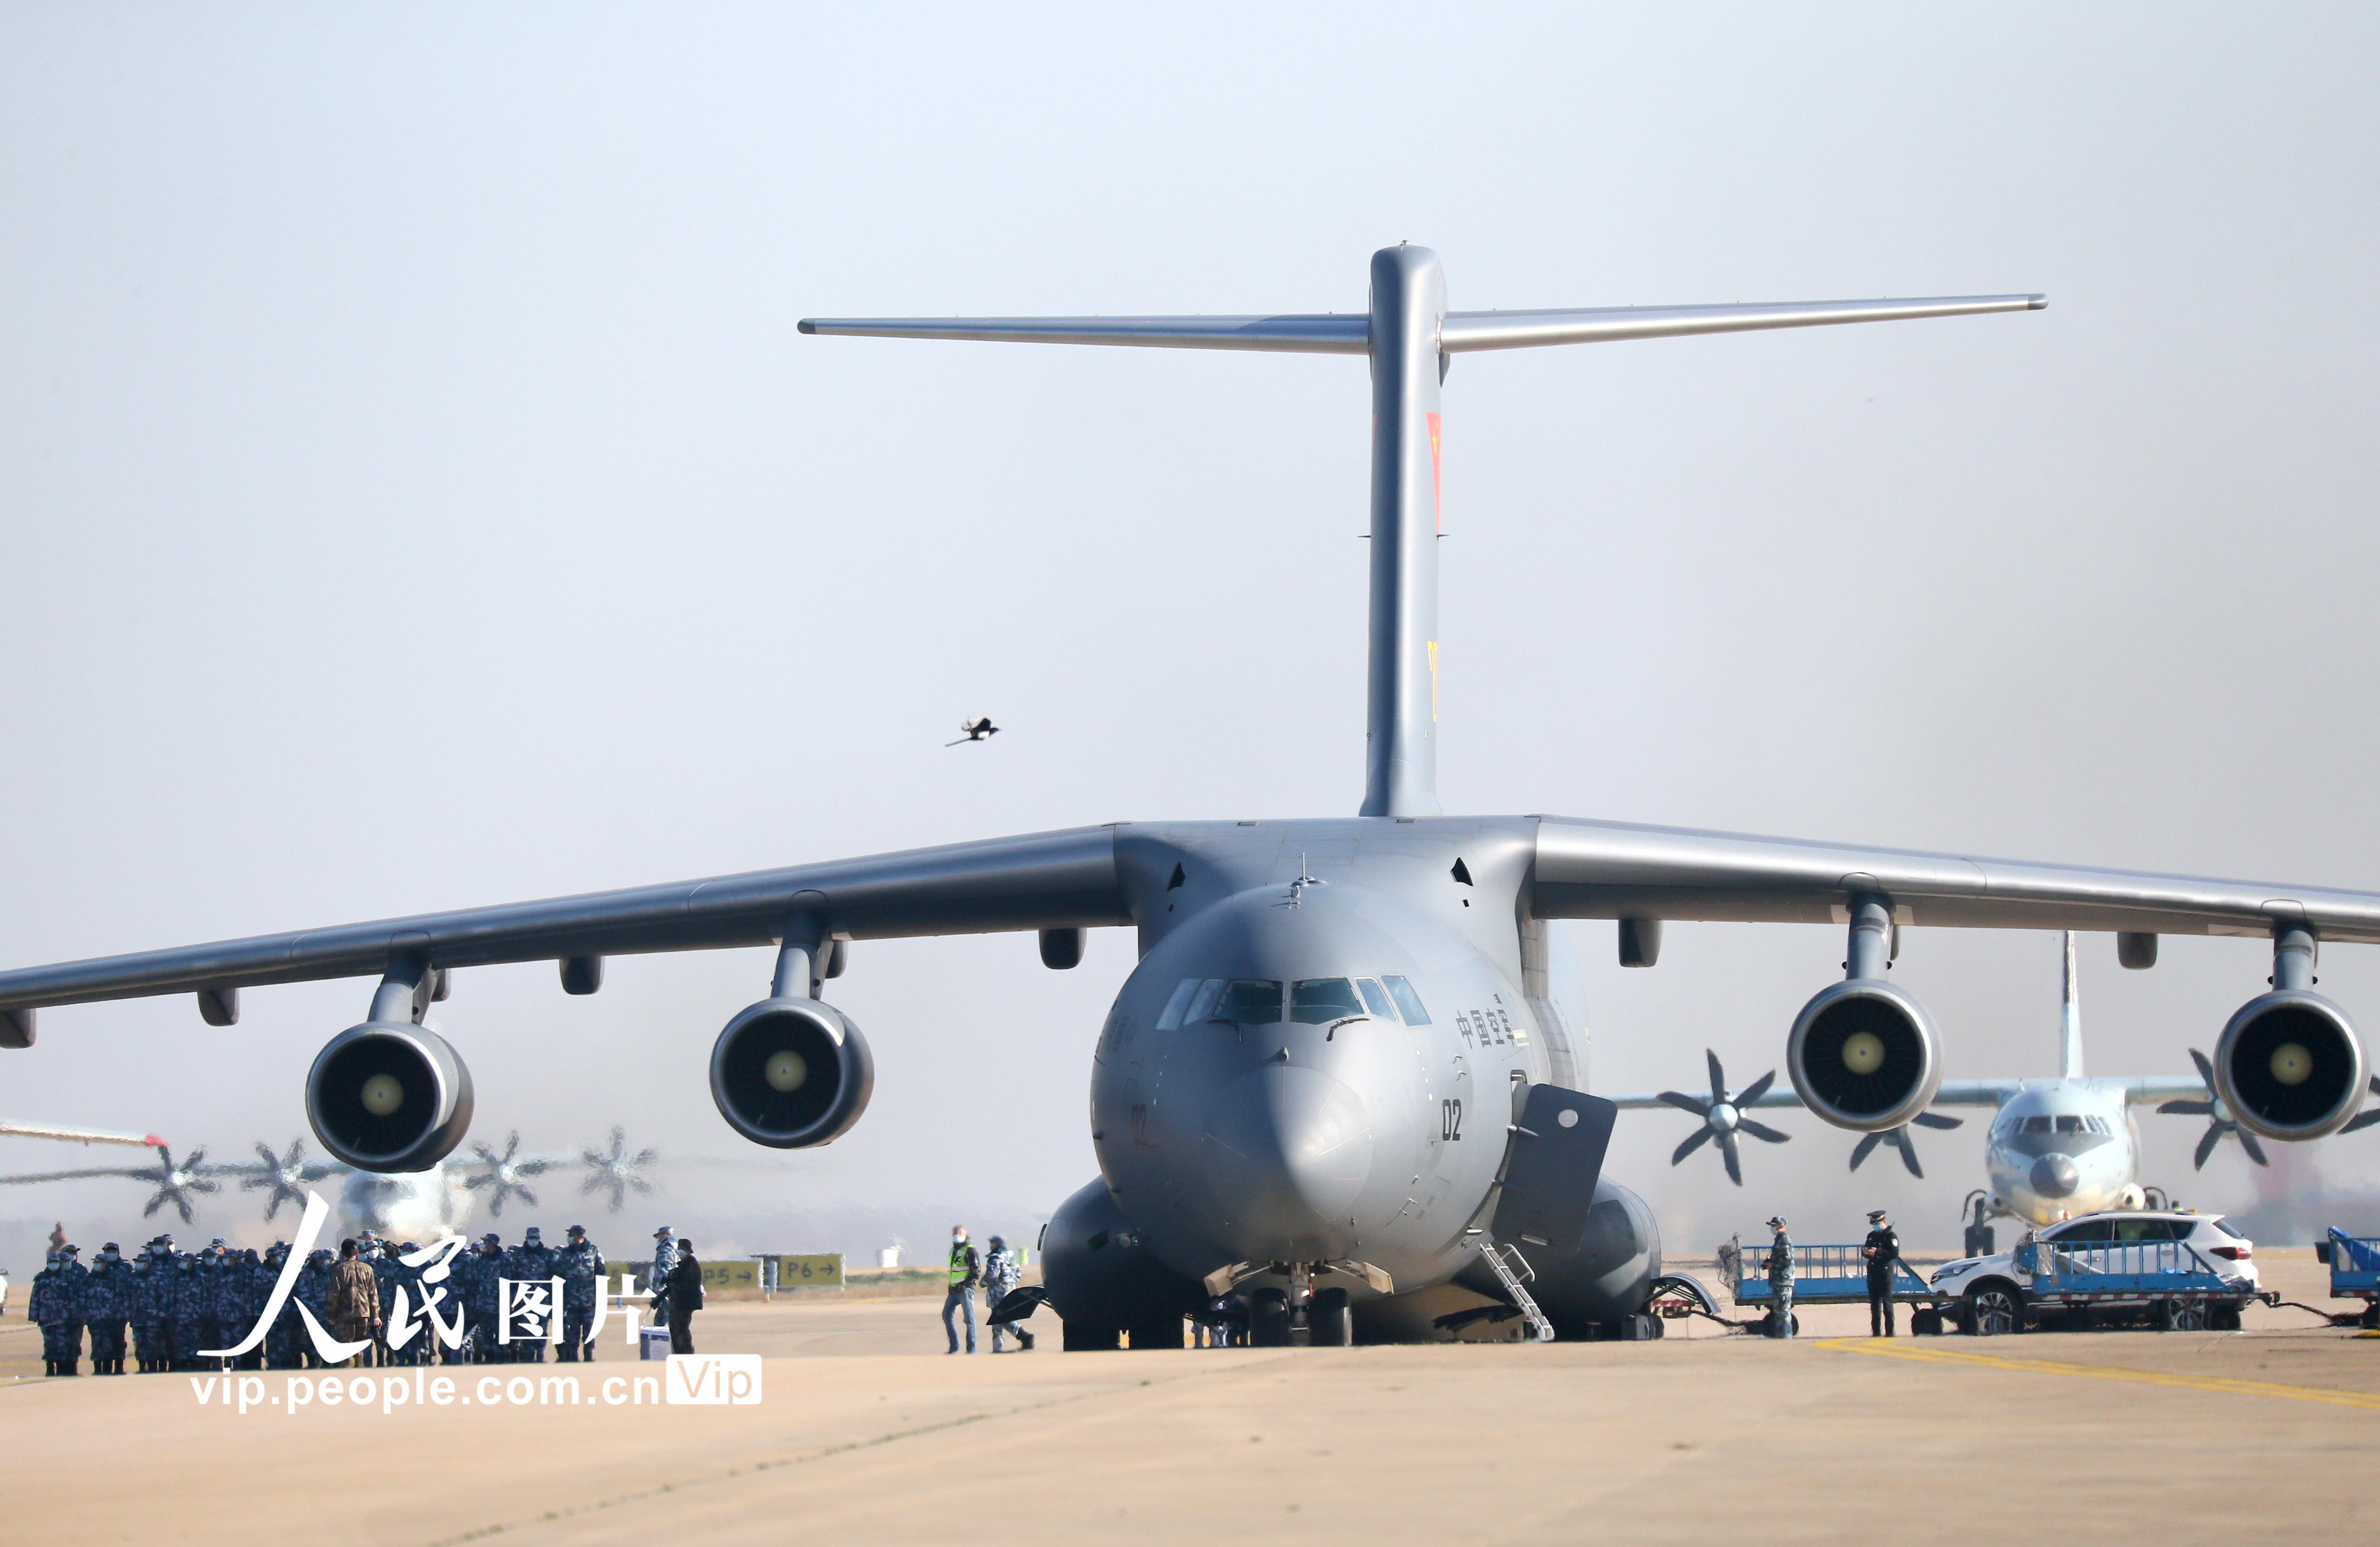 空军第四次向武汉大规模空运医疗队队员和物资